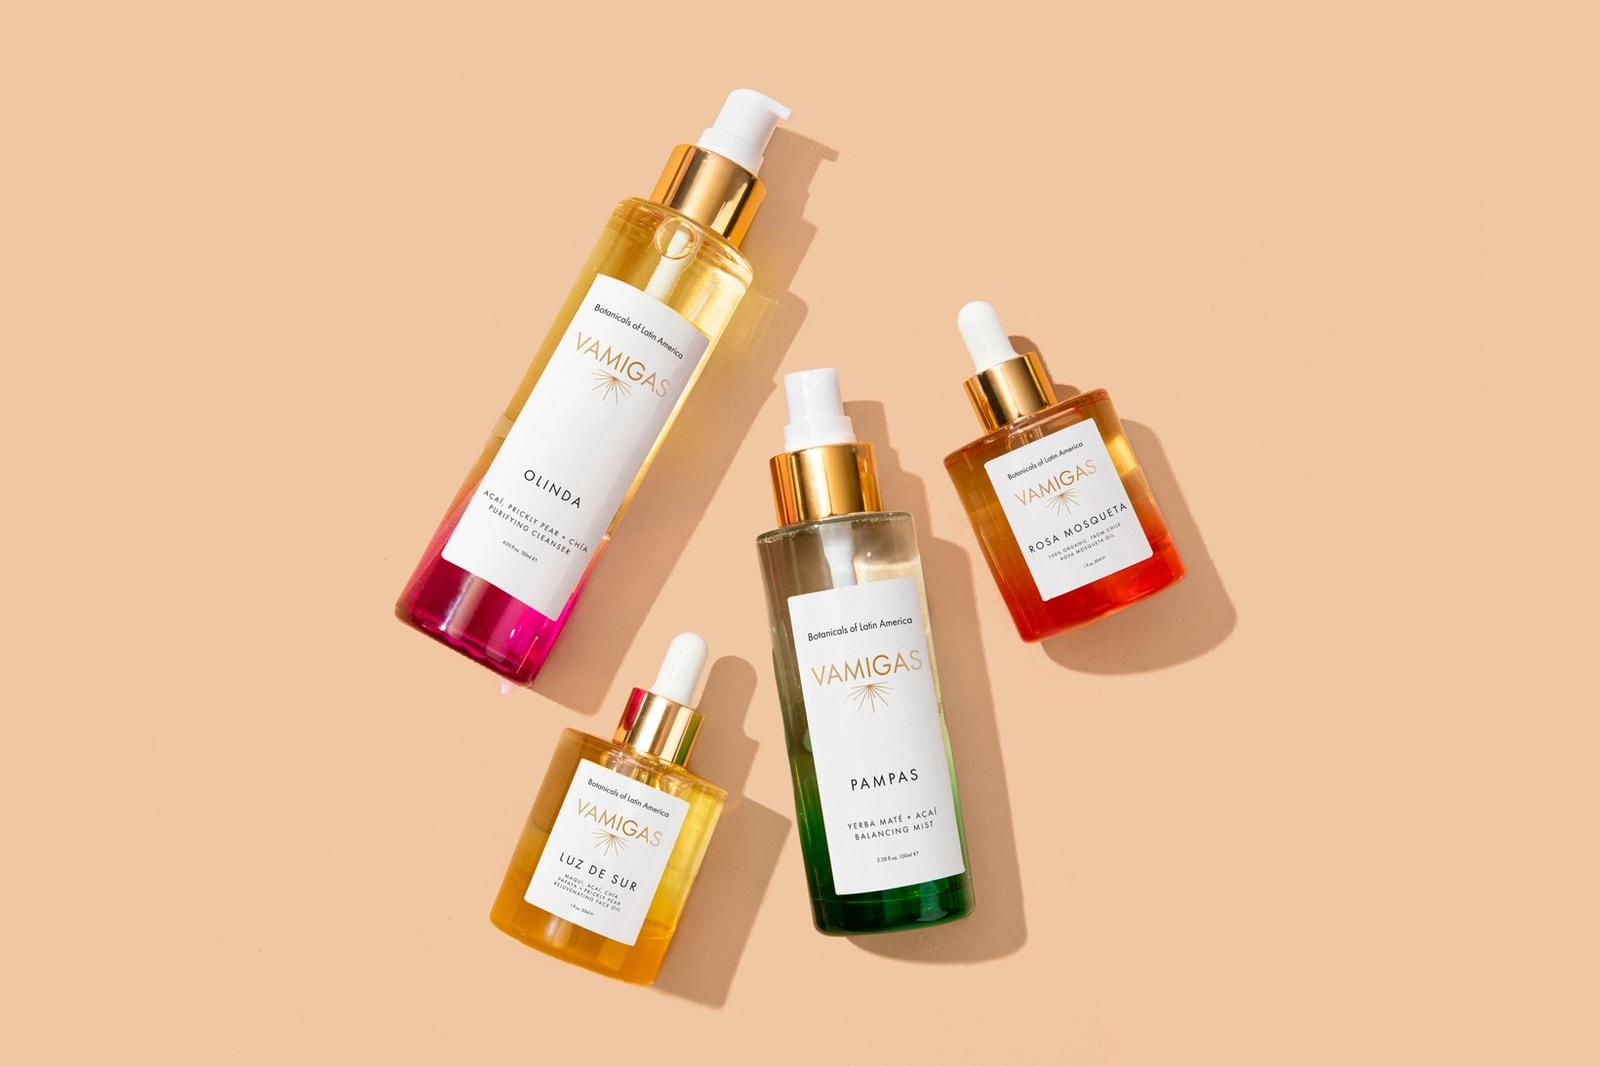 Vamigas Beauty Skincare Brand Founders